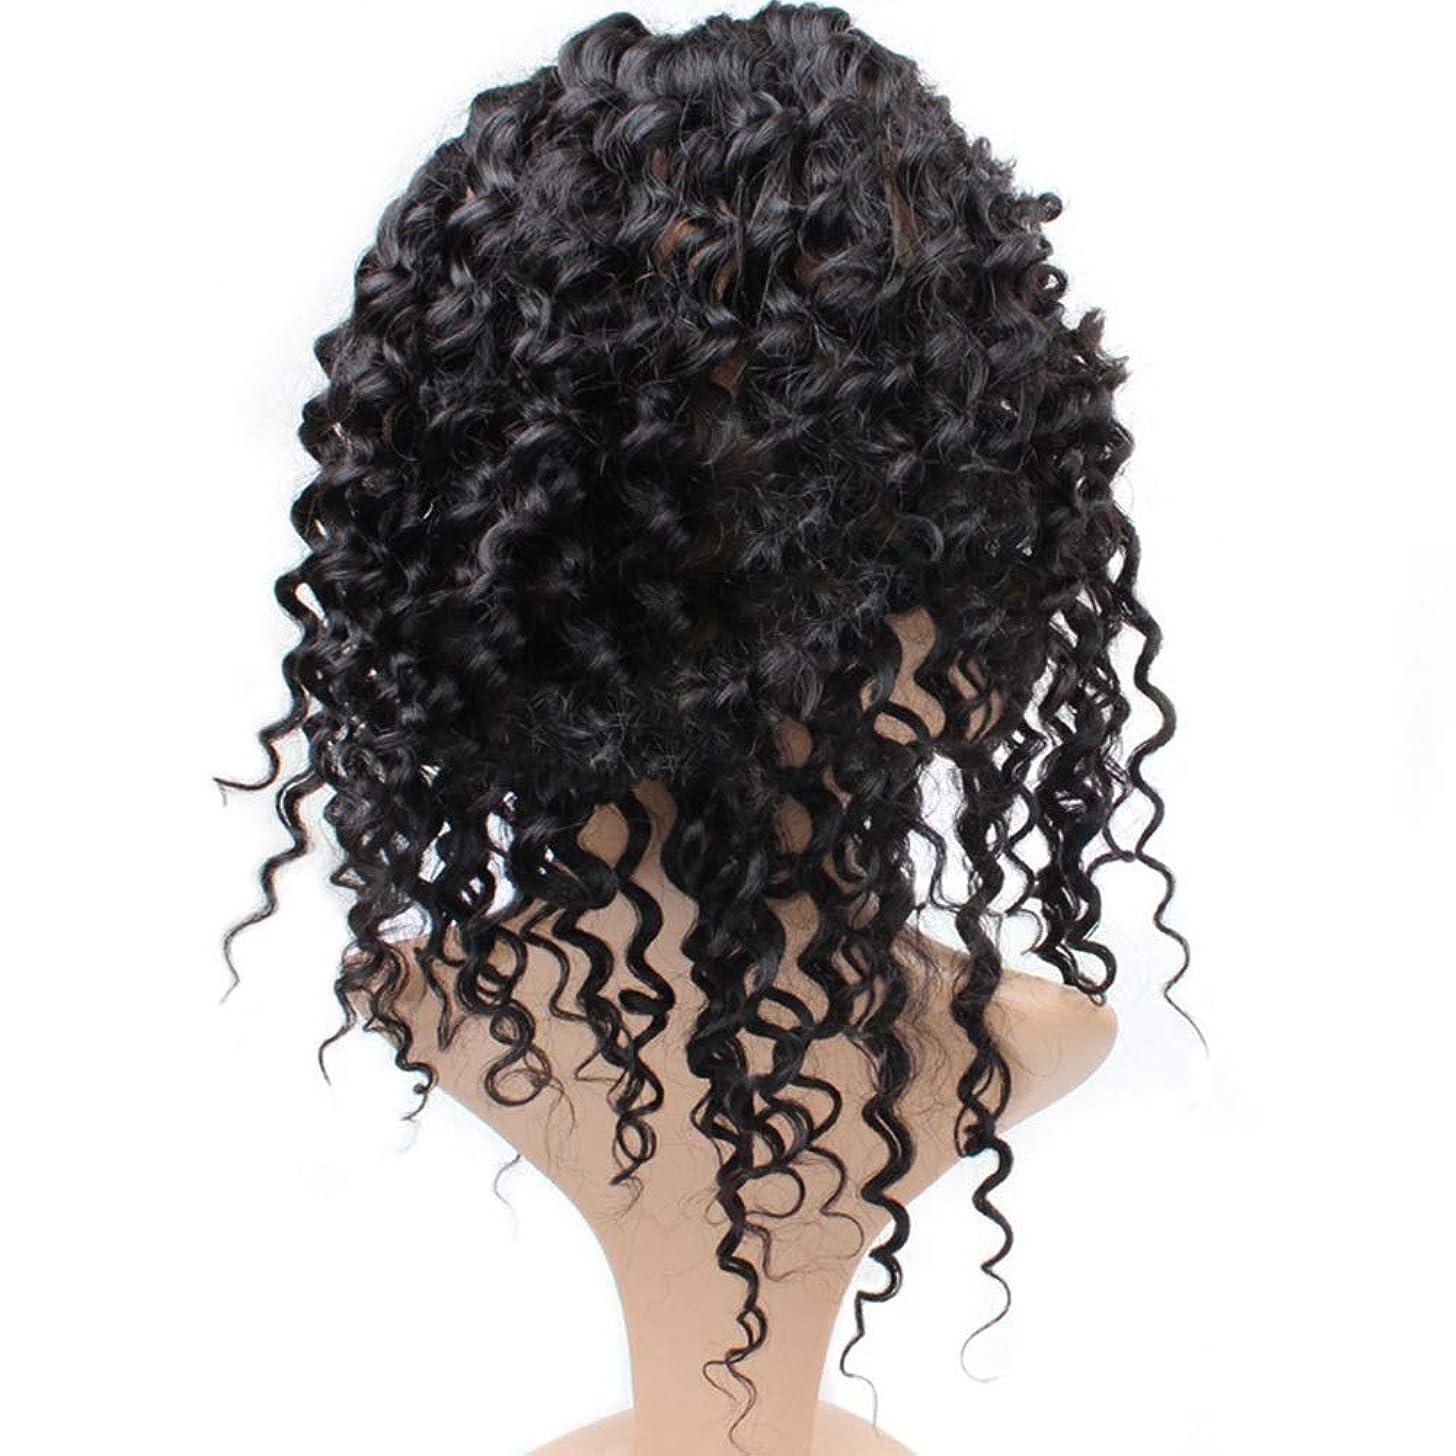 氏視力何でもMayalina 7Aディープウェーブ360レース前頭かつら事前に摘み取らヘアラインナチュラルカラー人毛ウィッグ黒人女性用(8 ' - 22' '、225%密度)パーティーウィッグ (色 : 黒, サイズ : 20 inch)